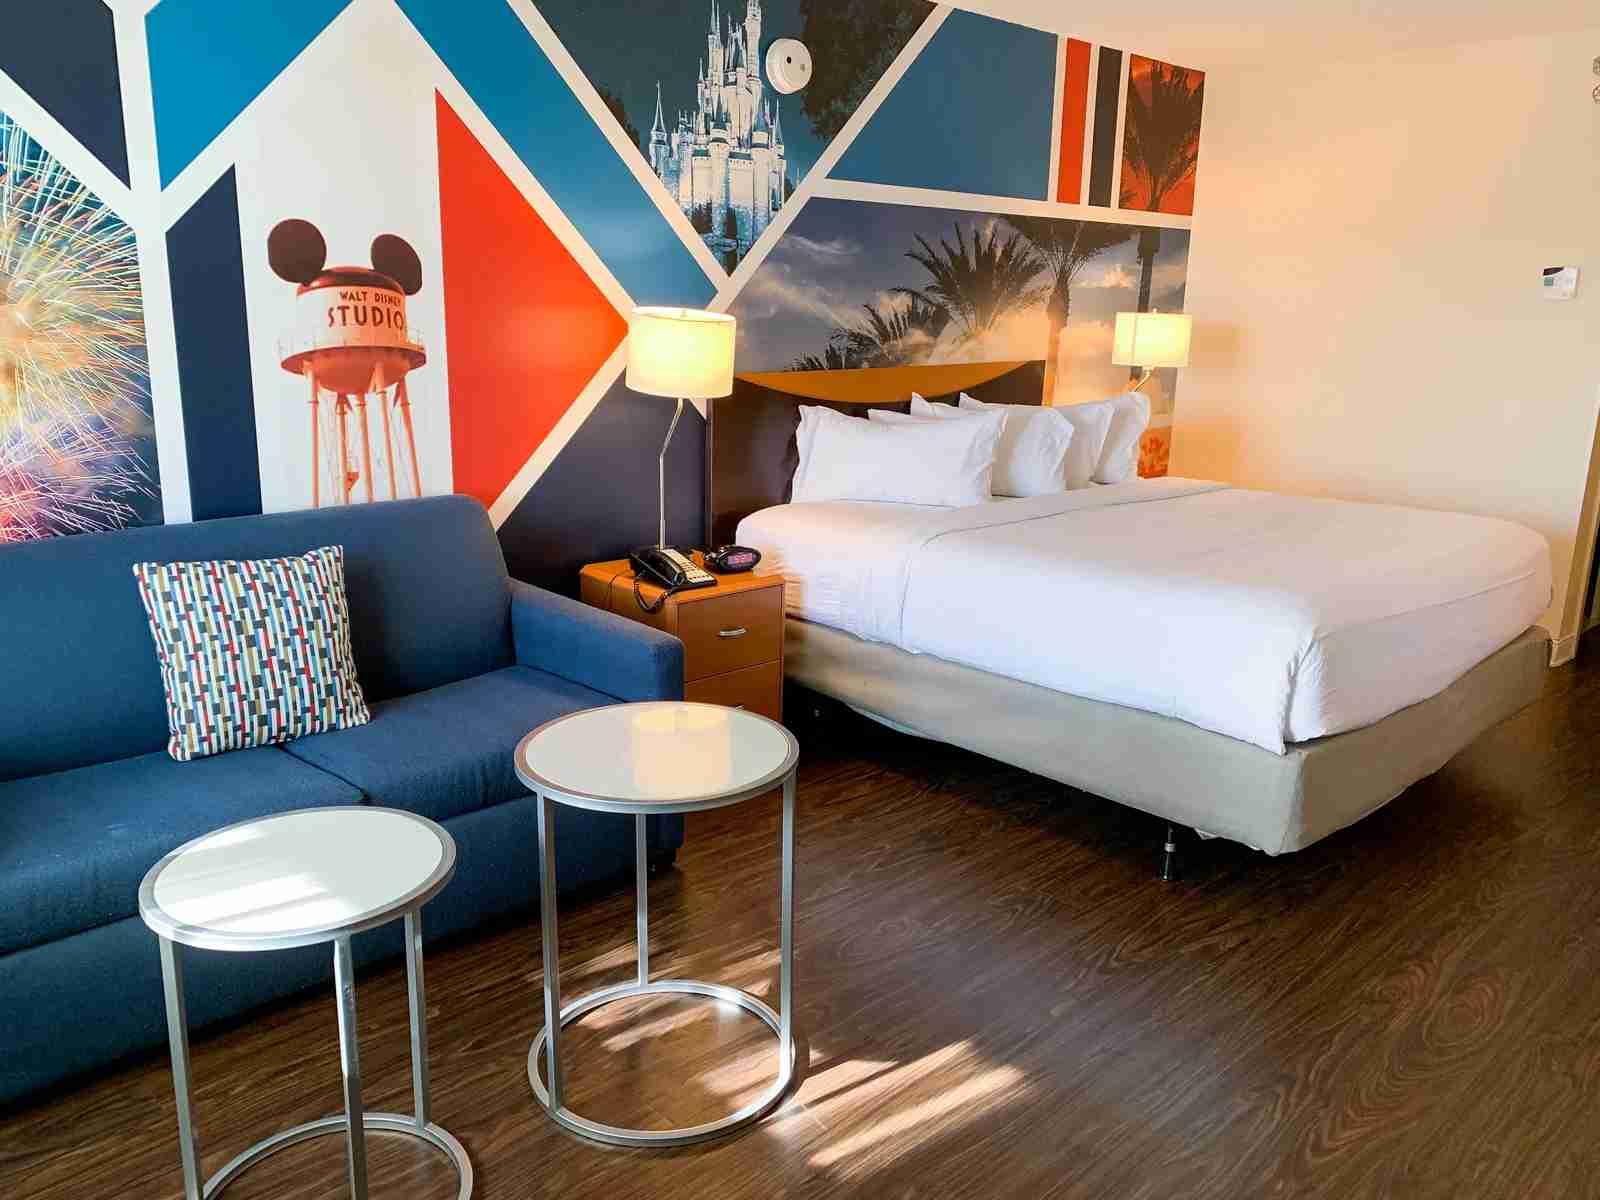 Fairfield Anaheim Disneyland Room